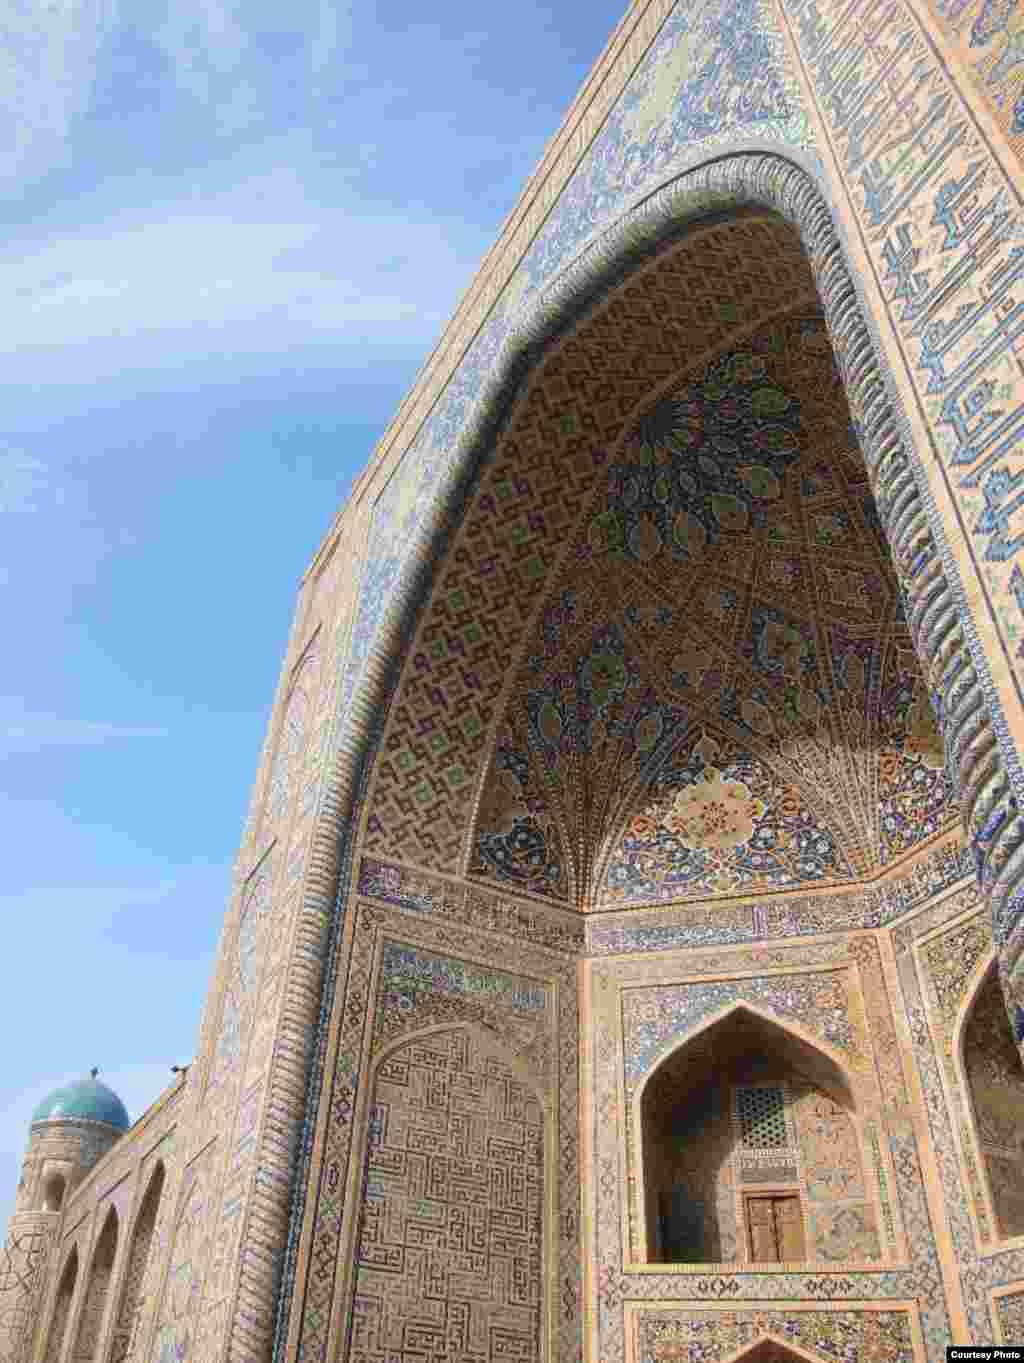 Registon maydonidagi Tillakori madrasasiga kirish, Samarqand (Shinichi Nagata surati)